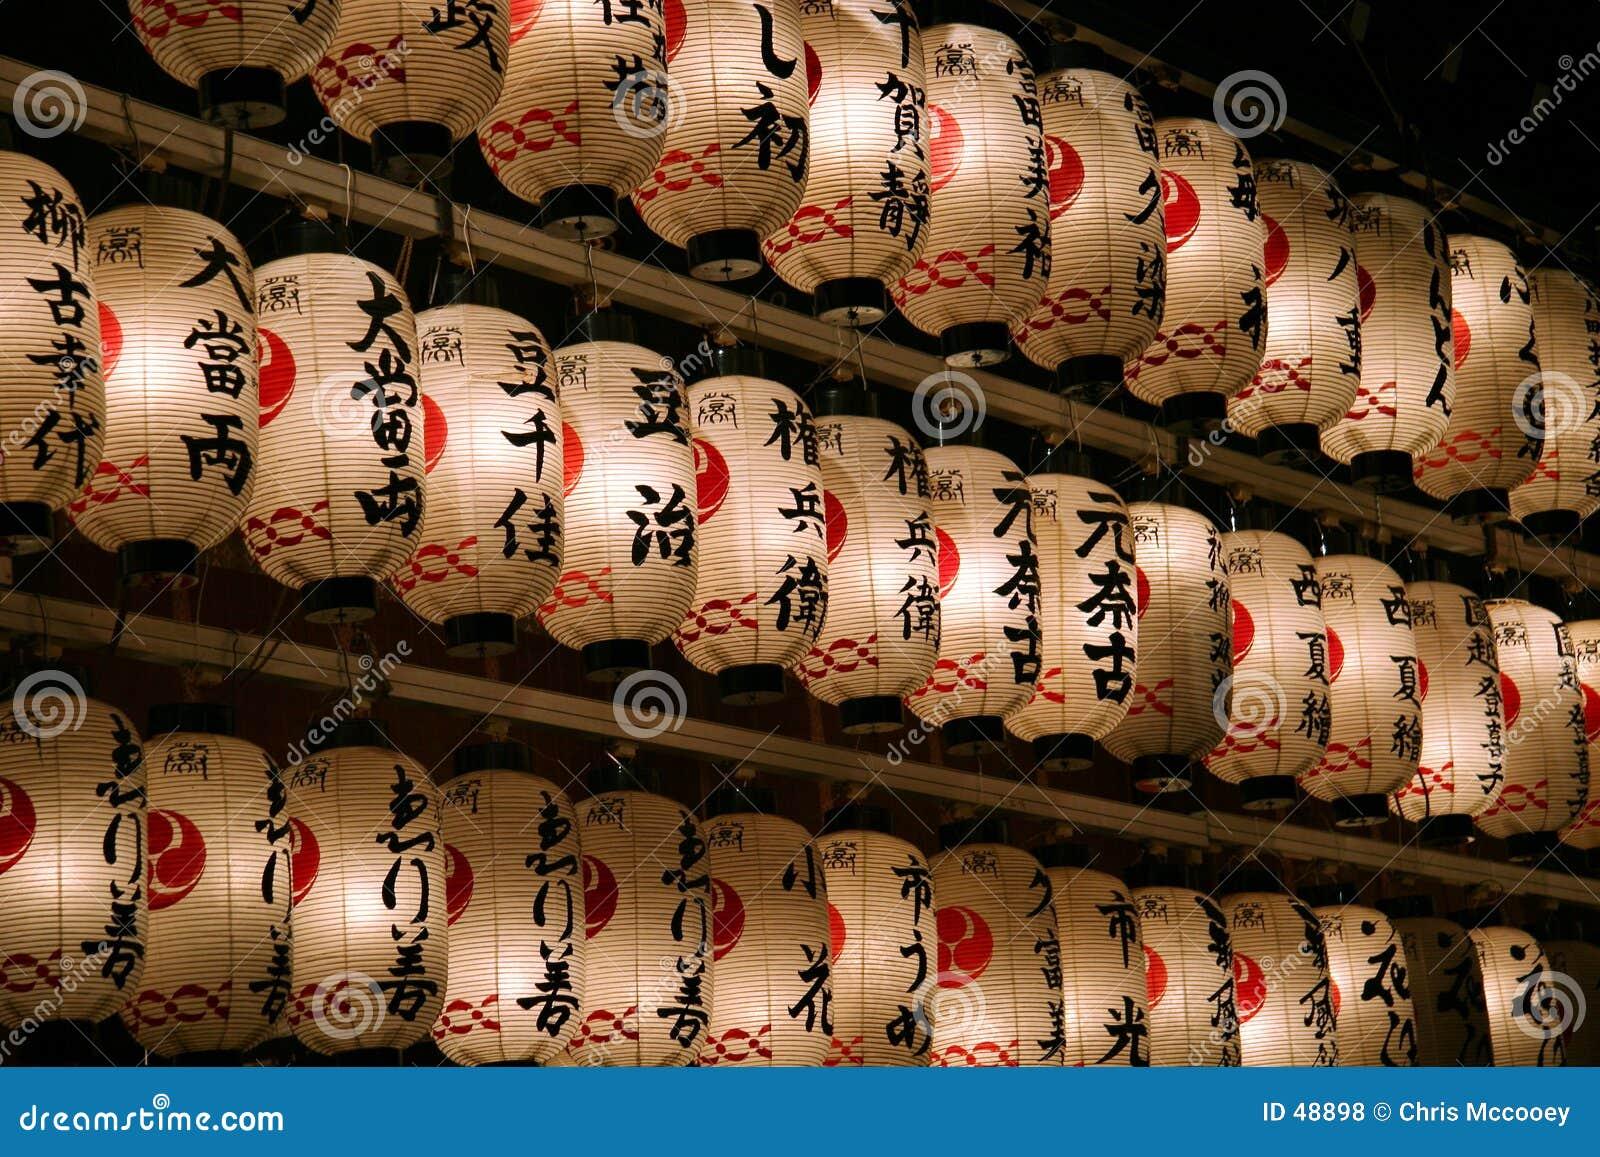 Japanese lanterns at night.